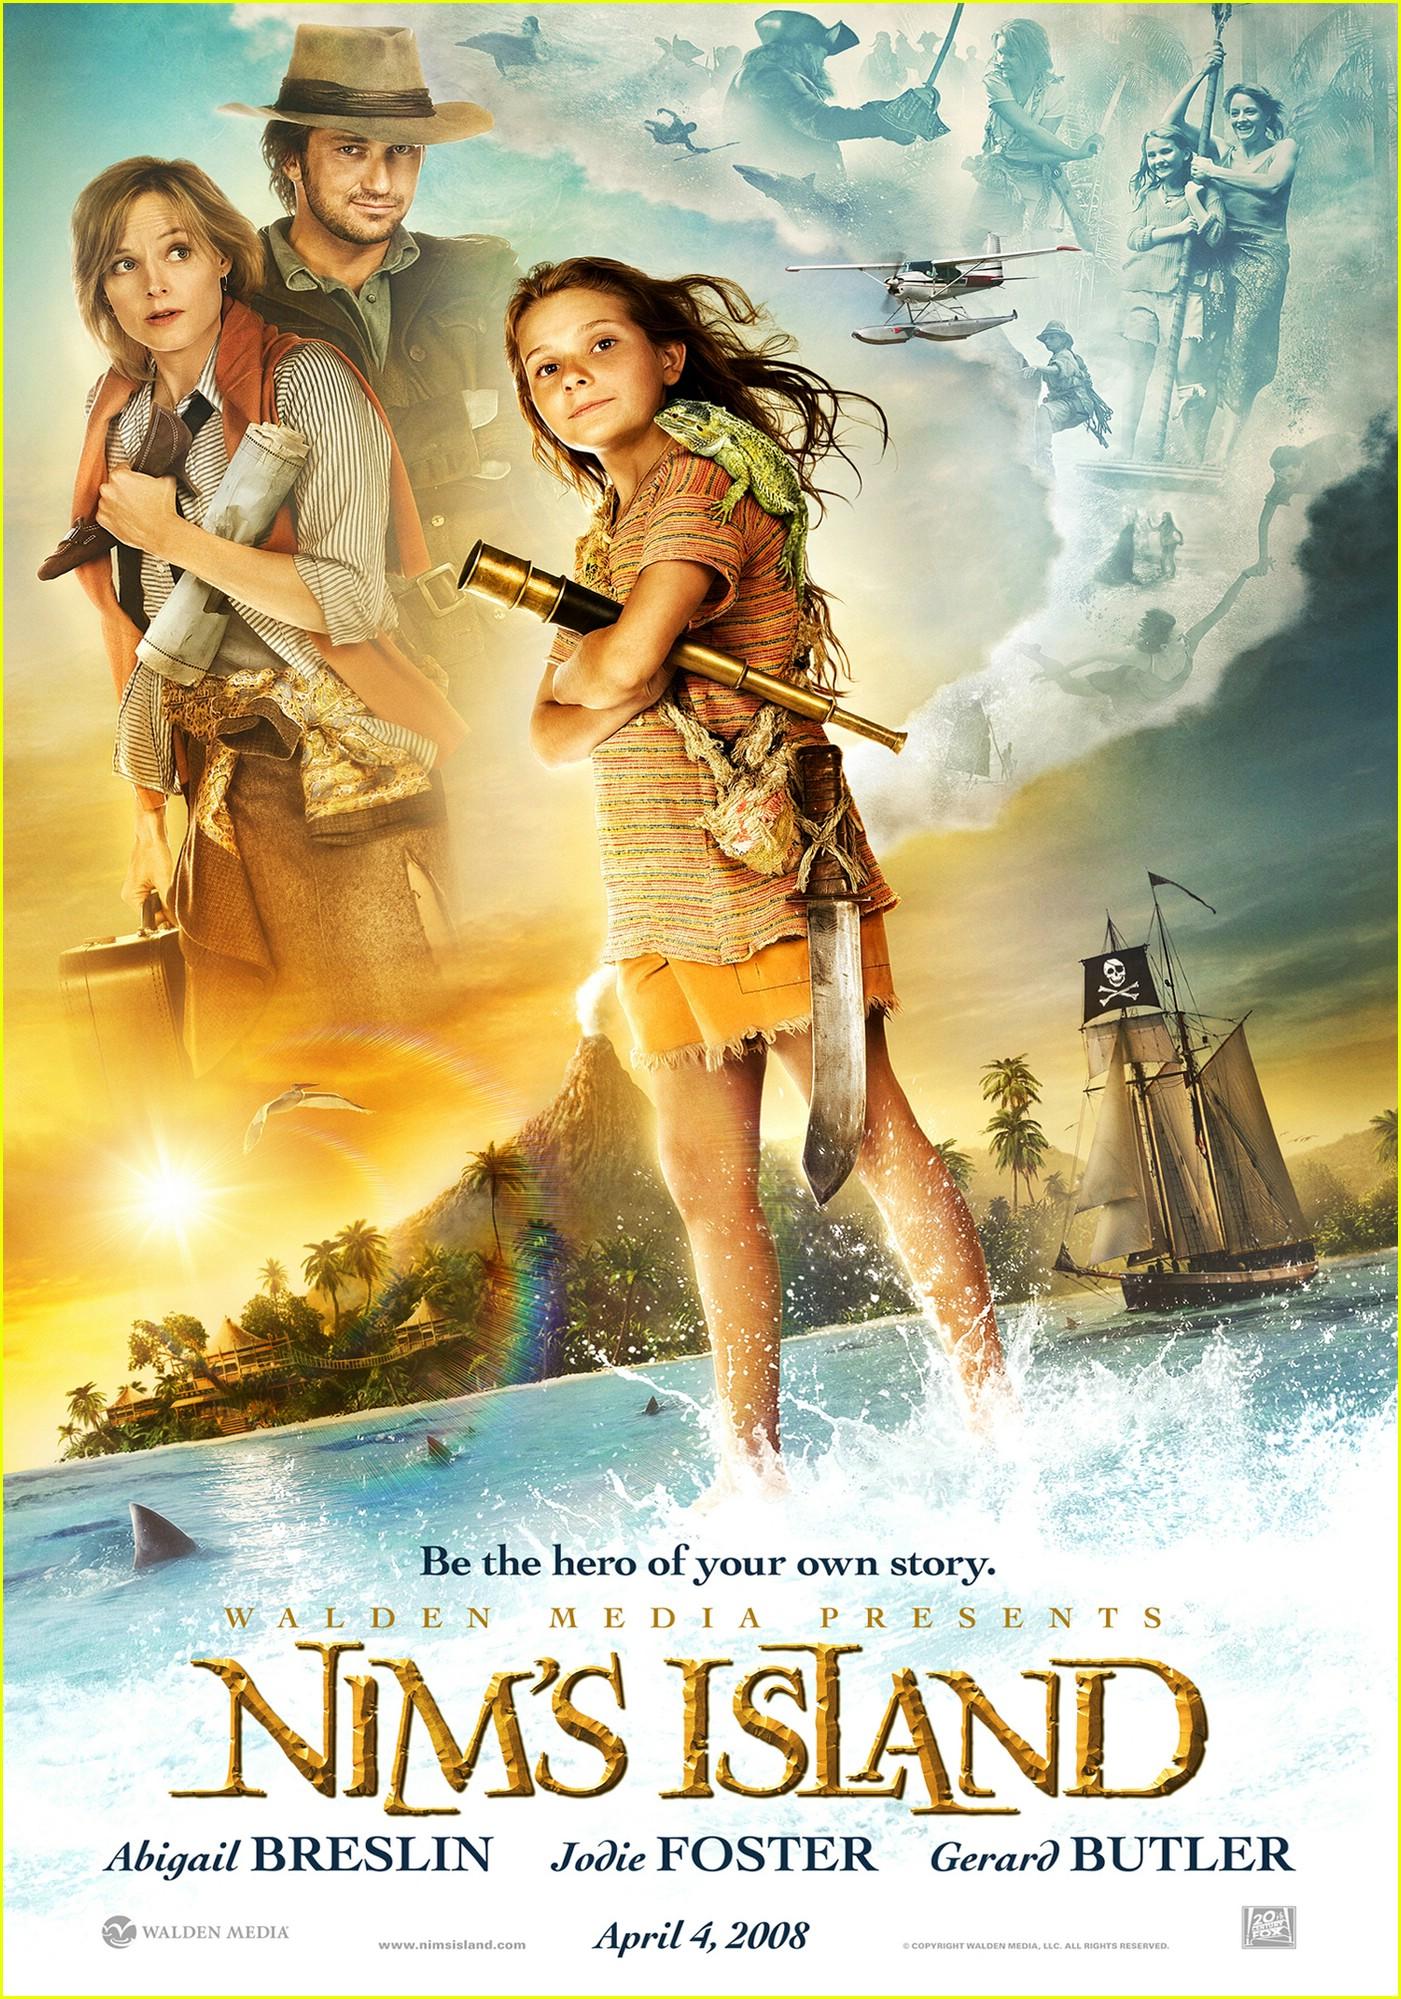 nim s island movie stills photo 886581 abigail